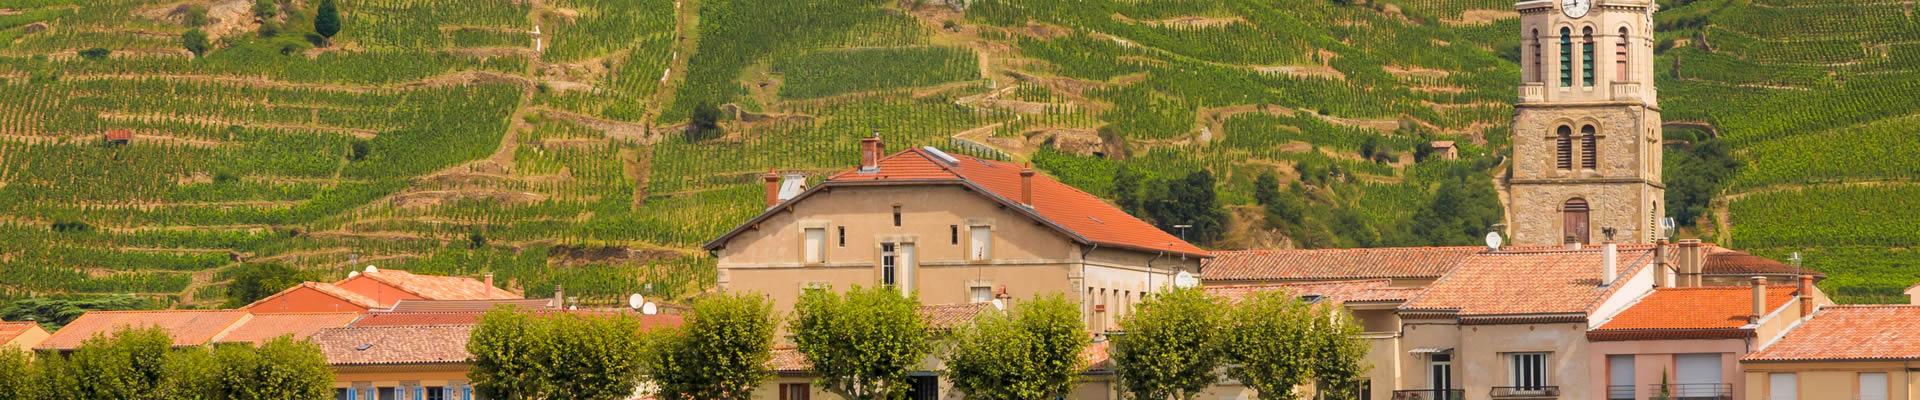 Vineyards in Rhône Valley, France